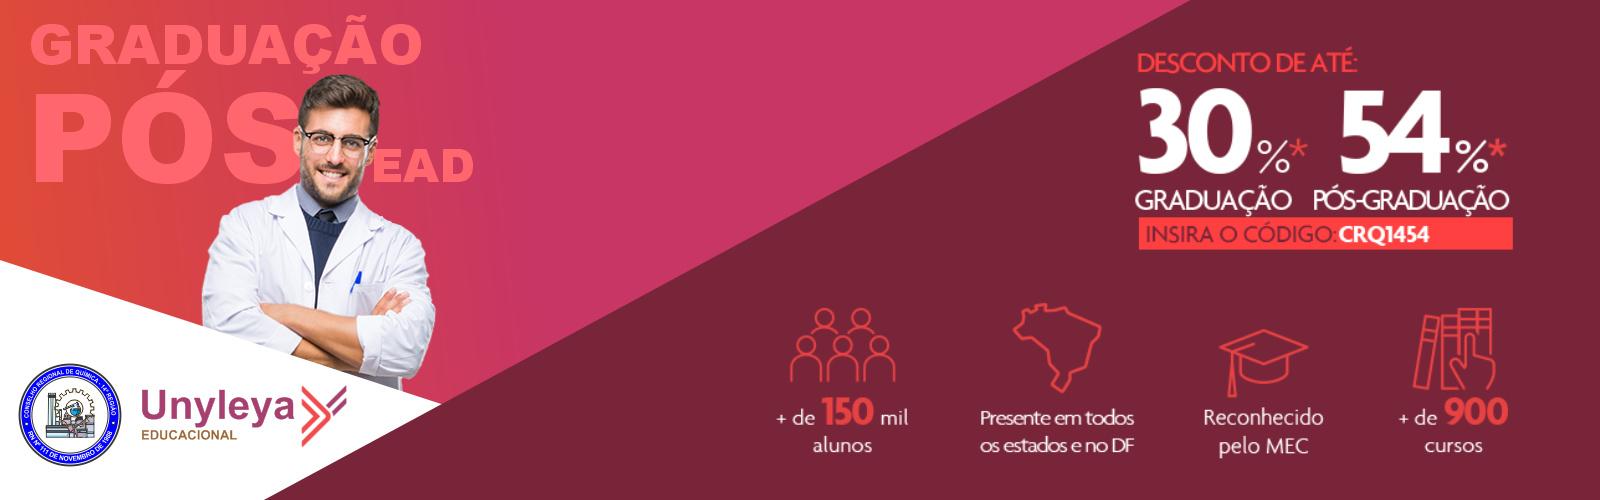 O CONSELHO REGIONAL DE QUÍMICA FECHA PARCERIA COM A FACULDADE UNYLEYA, AGORA TODOS OS PROFISSIONAIS REGISTRADOS PODEM FAZER GRADUAÇÕES E PÓS-GRADUÇÃO COM DESCONTOS DE ATÉ 54%